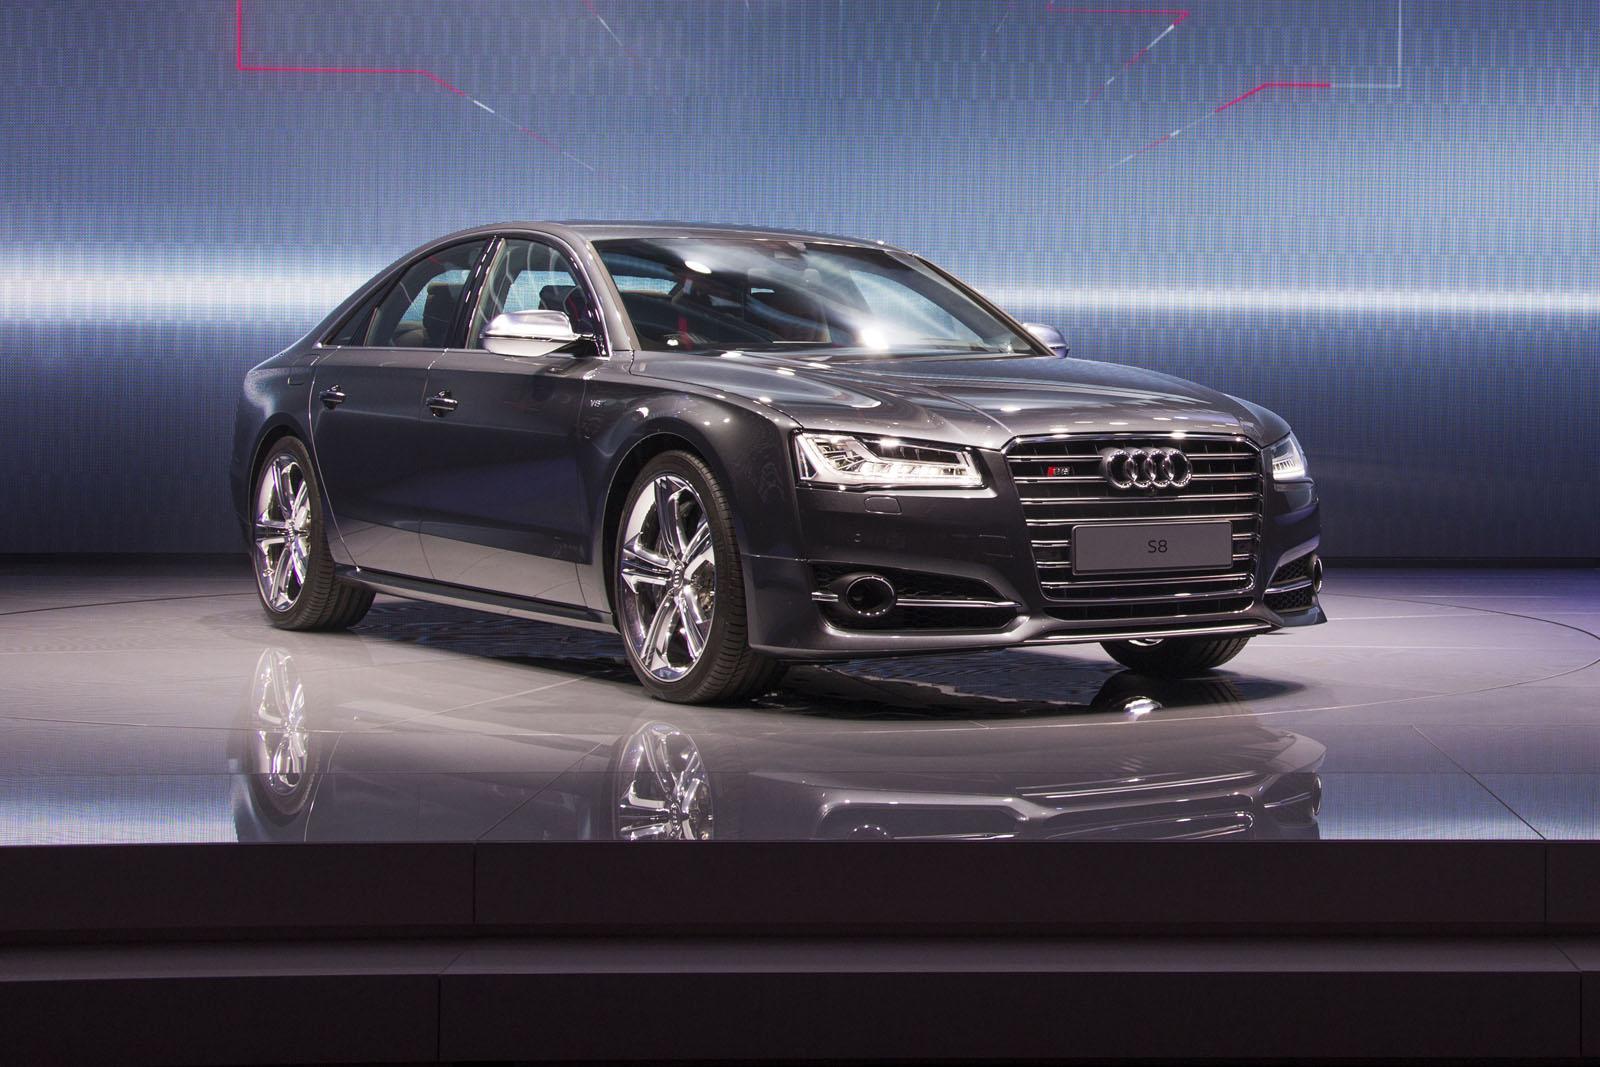 Kelebihan Kekurangan Audi A8 2014 Top Model Tahun Ini